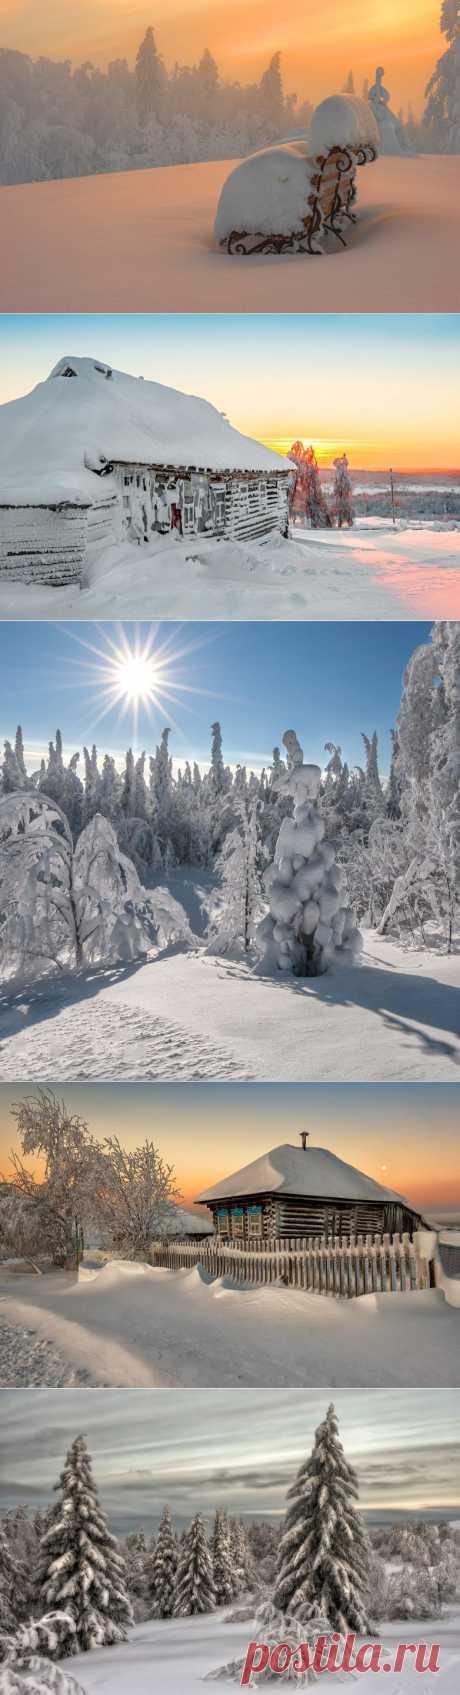 Сказочная зима / Всё самое лучшее из интернета